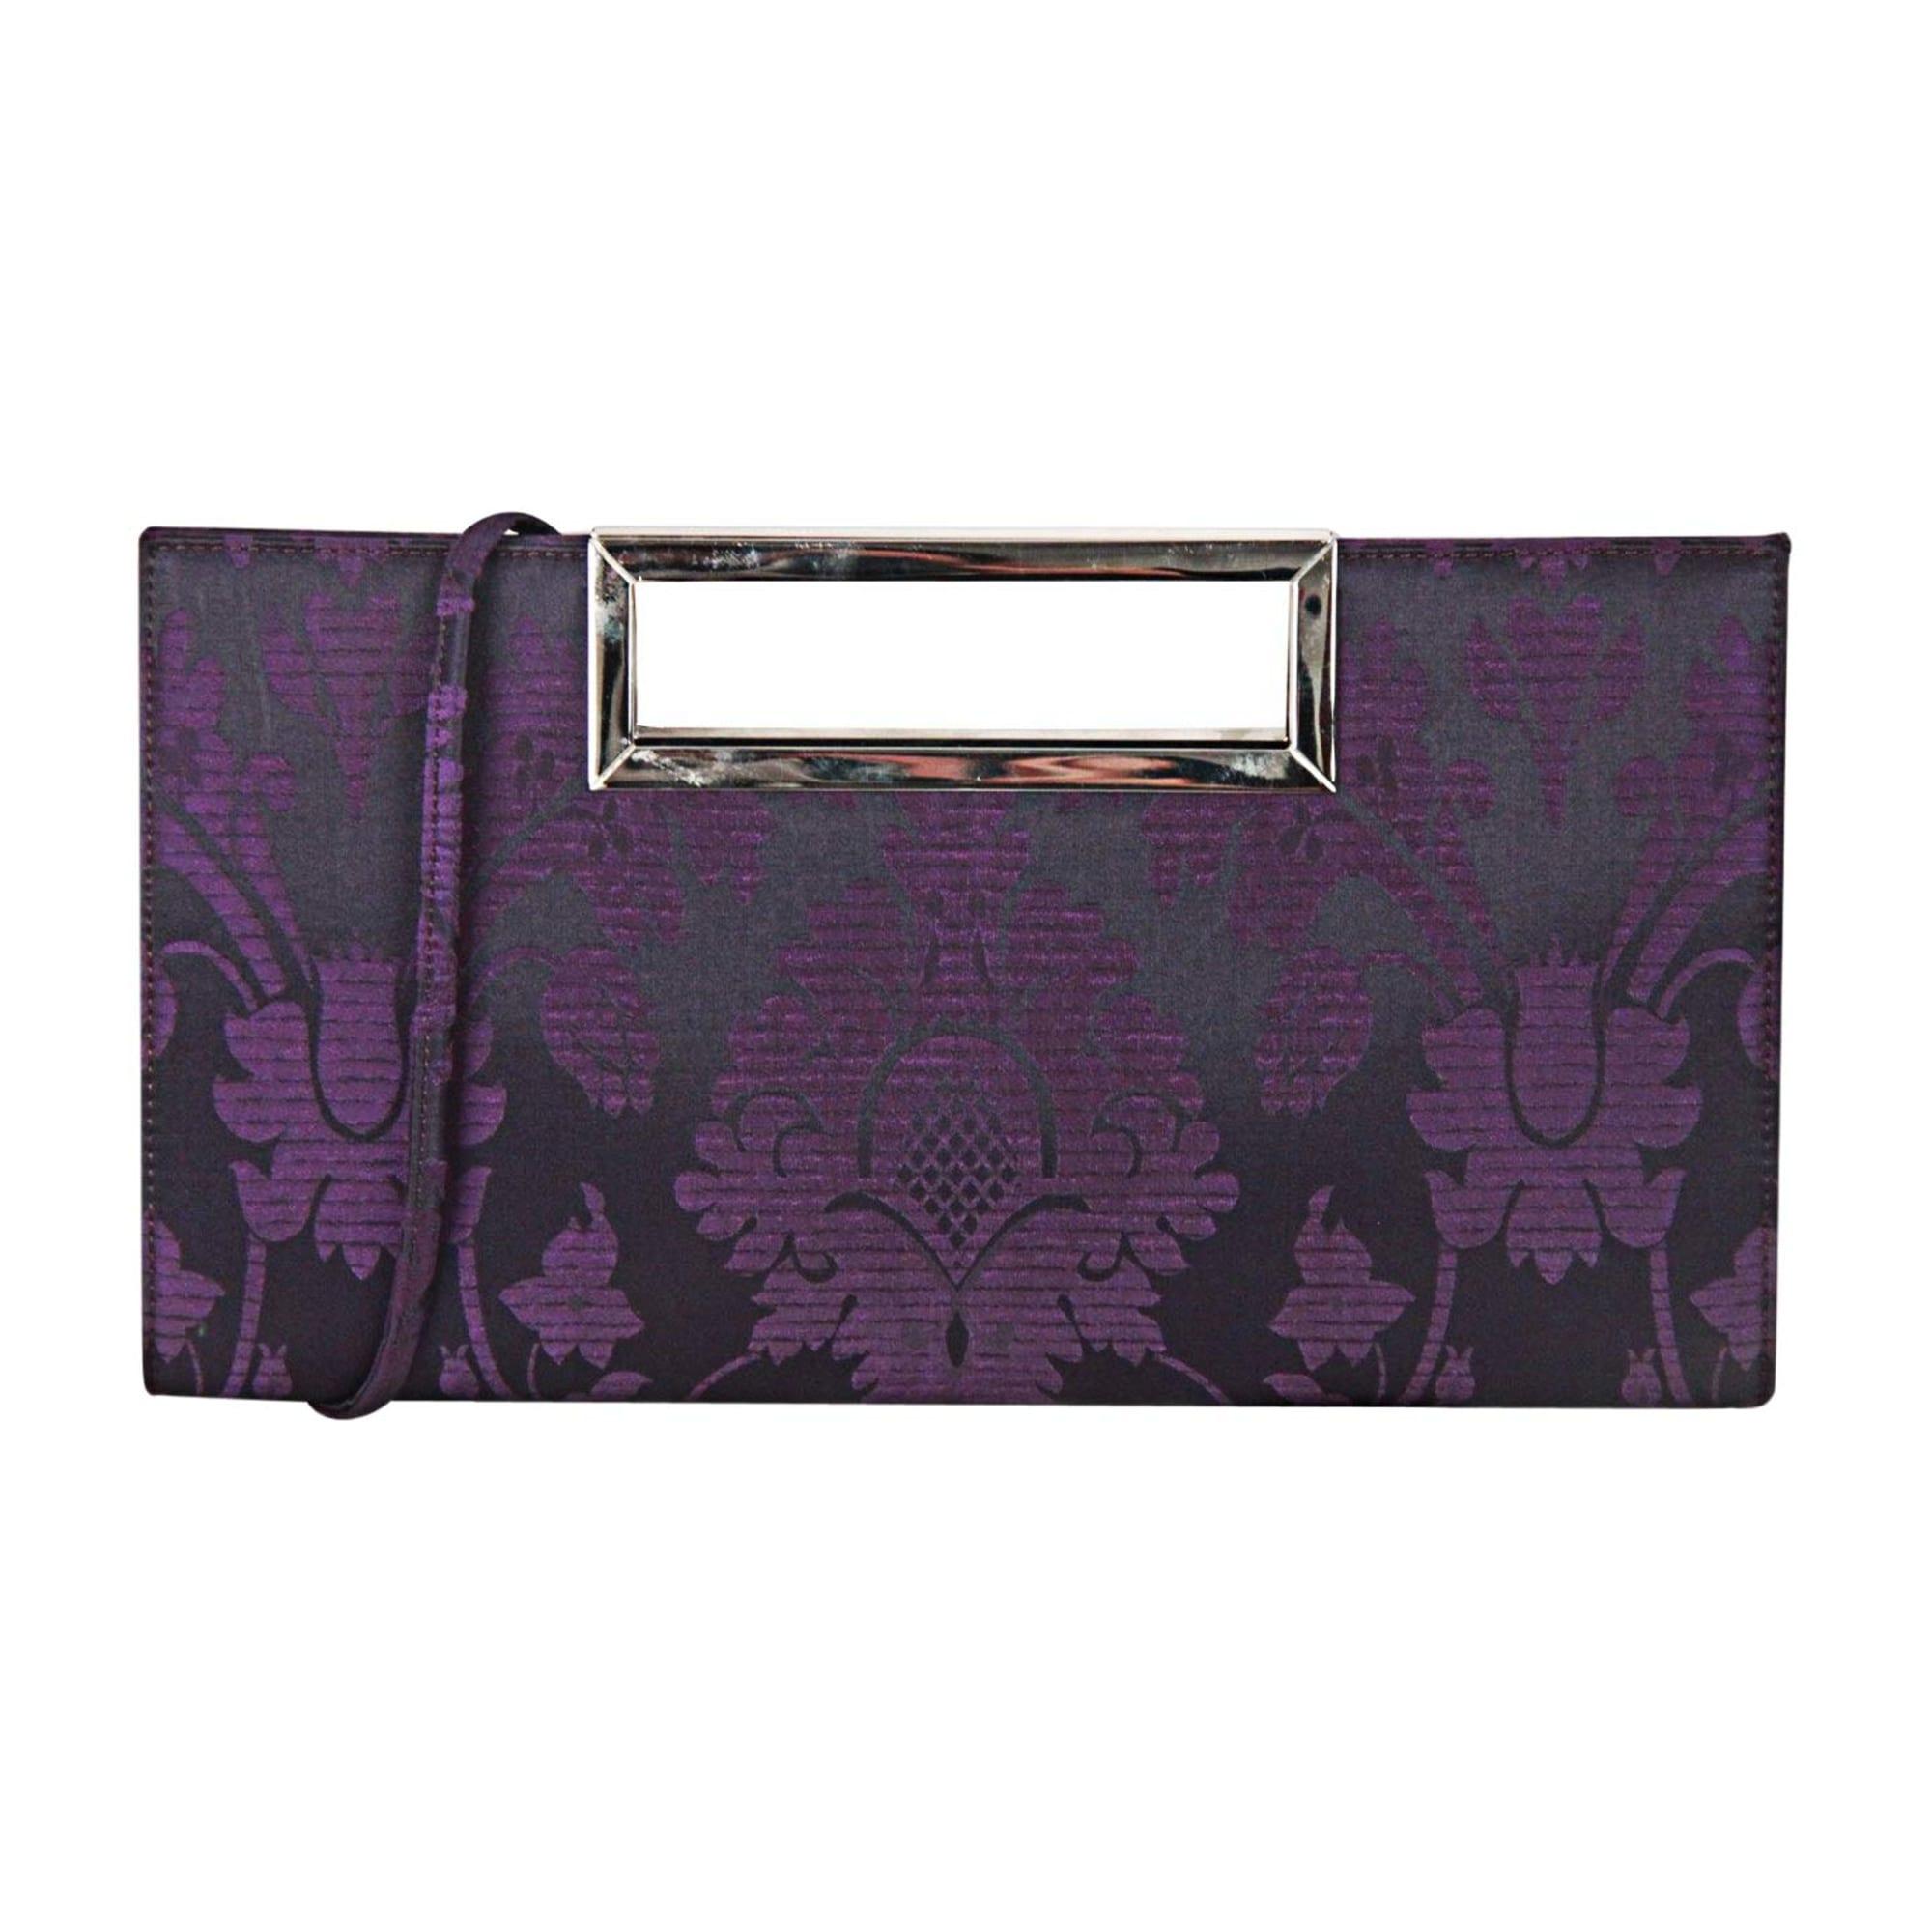 Sac pochette en tissu STUART WEITZMAN other violet